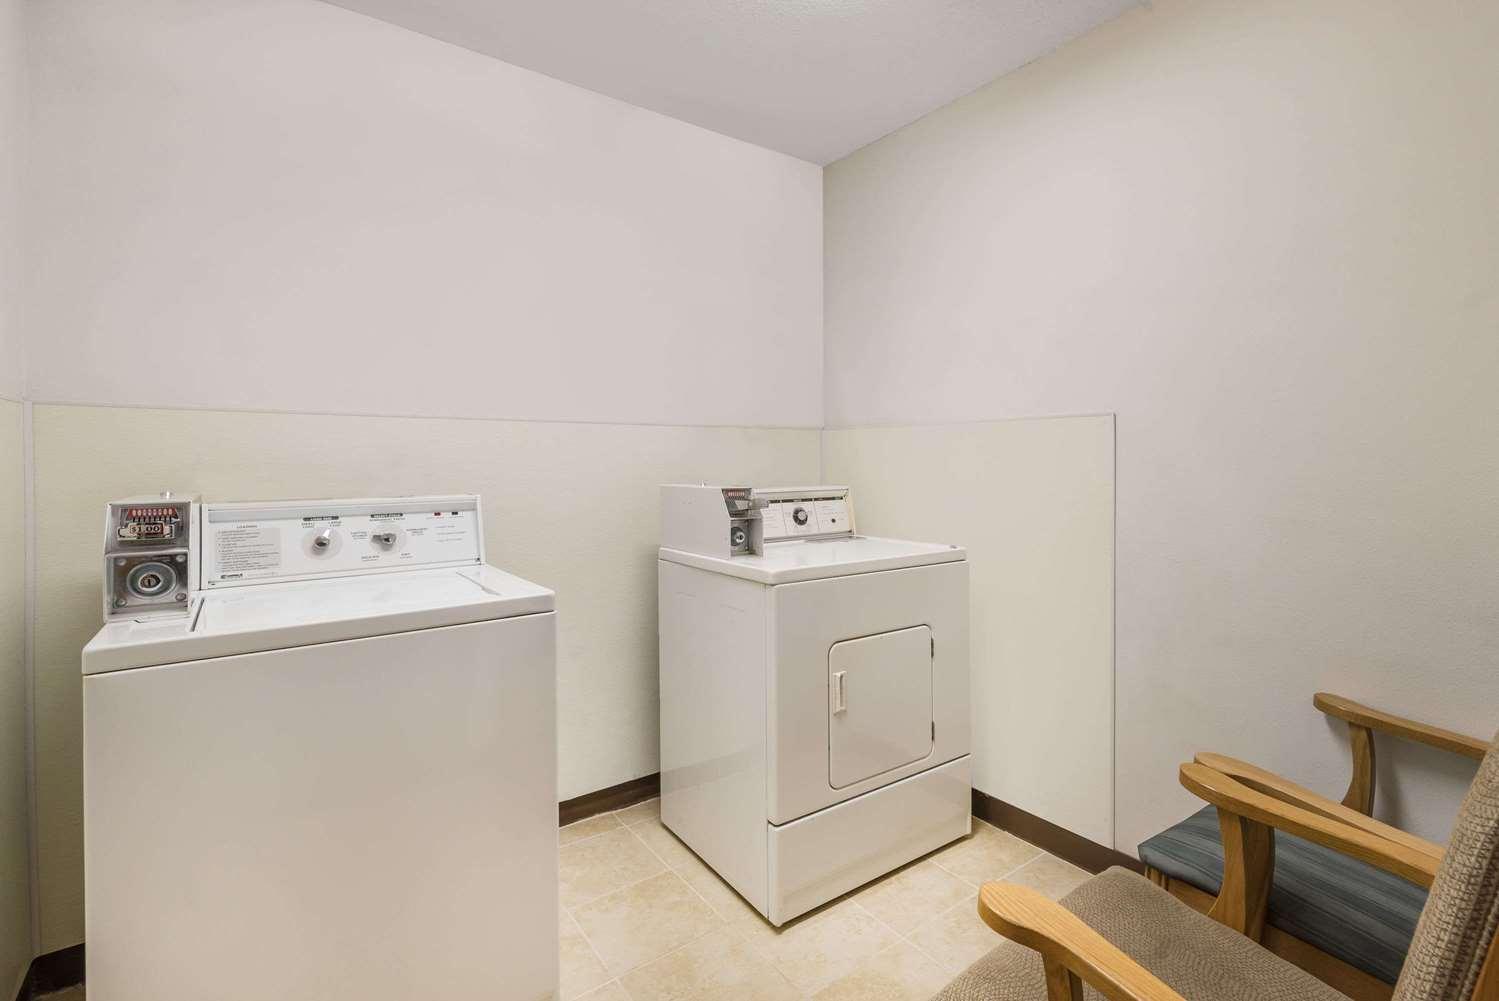 proam - Baymont Inn & Suites Hot Springs